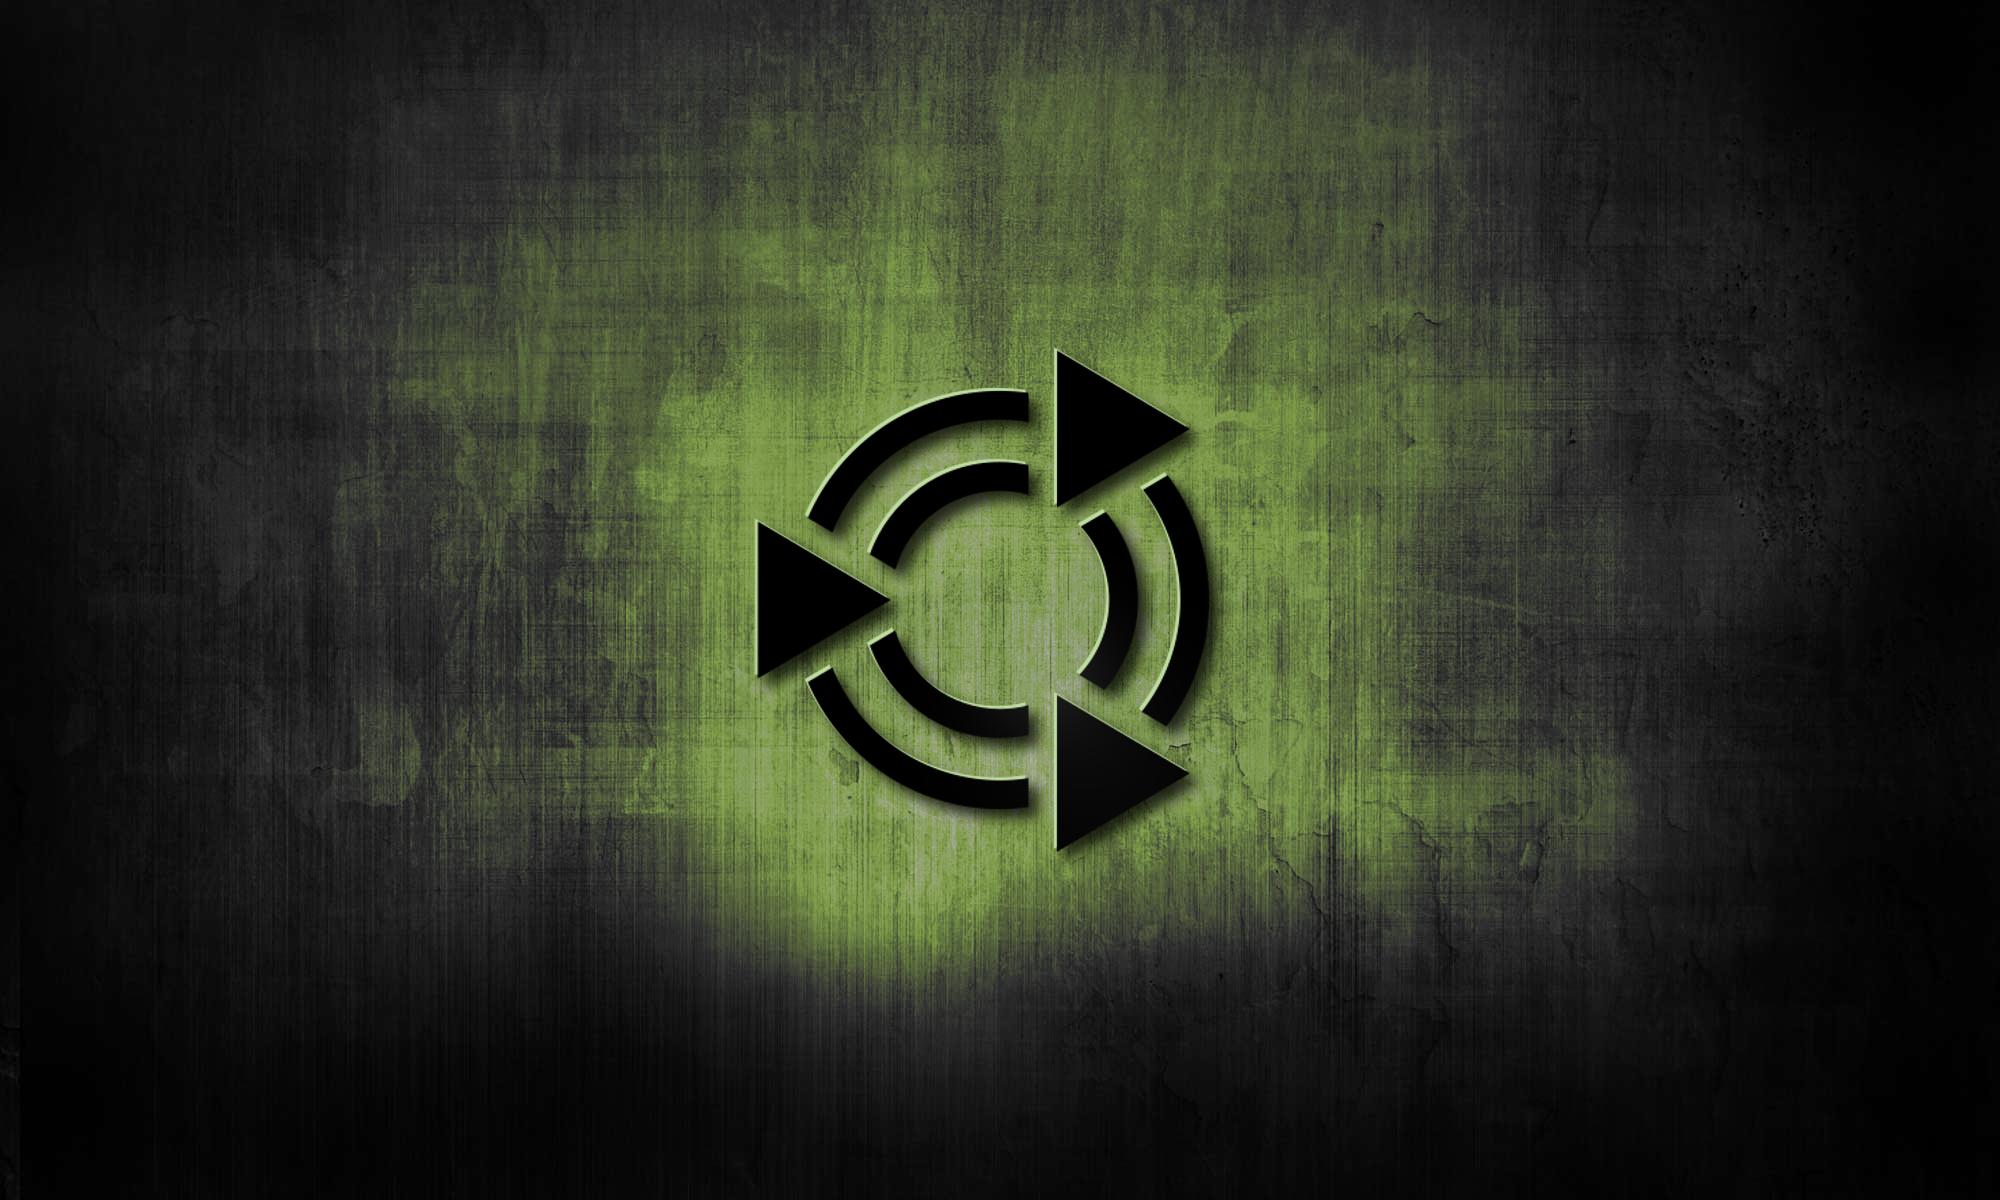 black metal wallpaper with ubuntu-mate logo